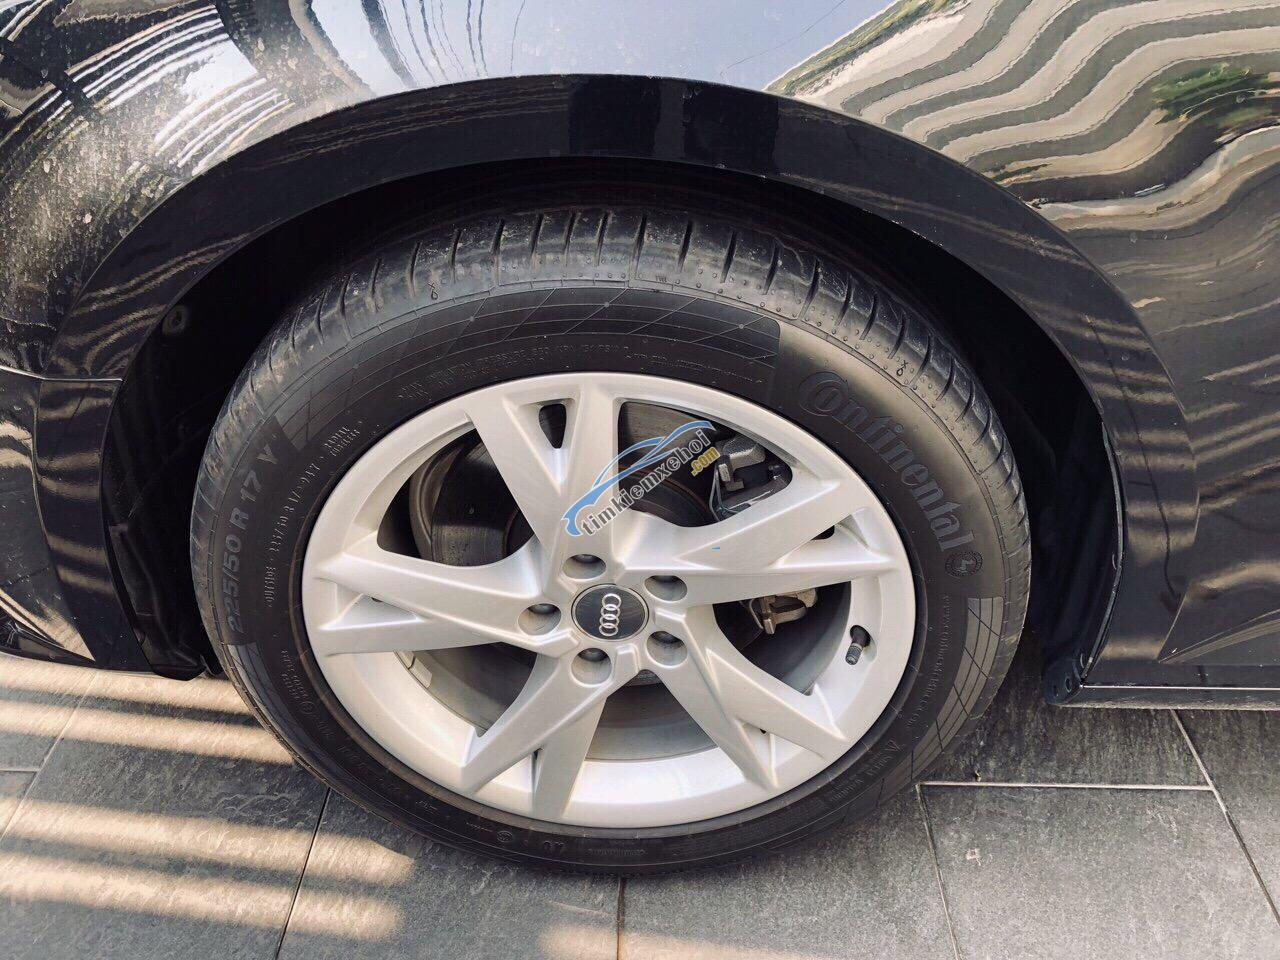 Bán Audi A4 2016 xe đi 21000km, bảo hành chính hãng, mẫu mới nhất hiện nay, chất lượng xe bao kiểm tra hãng